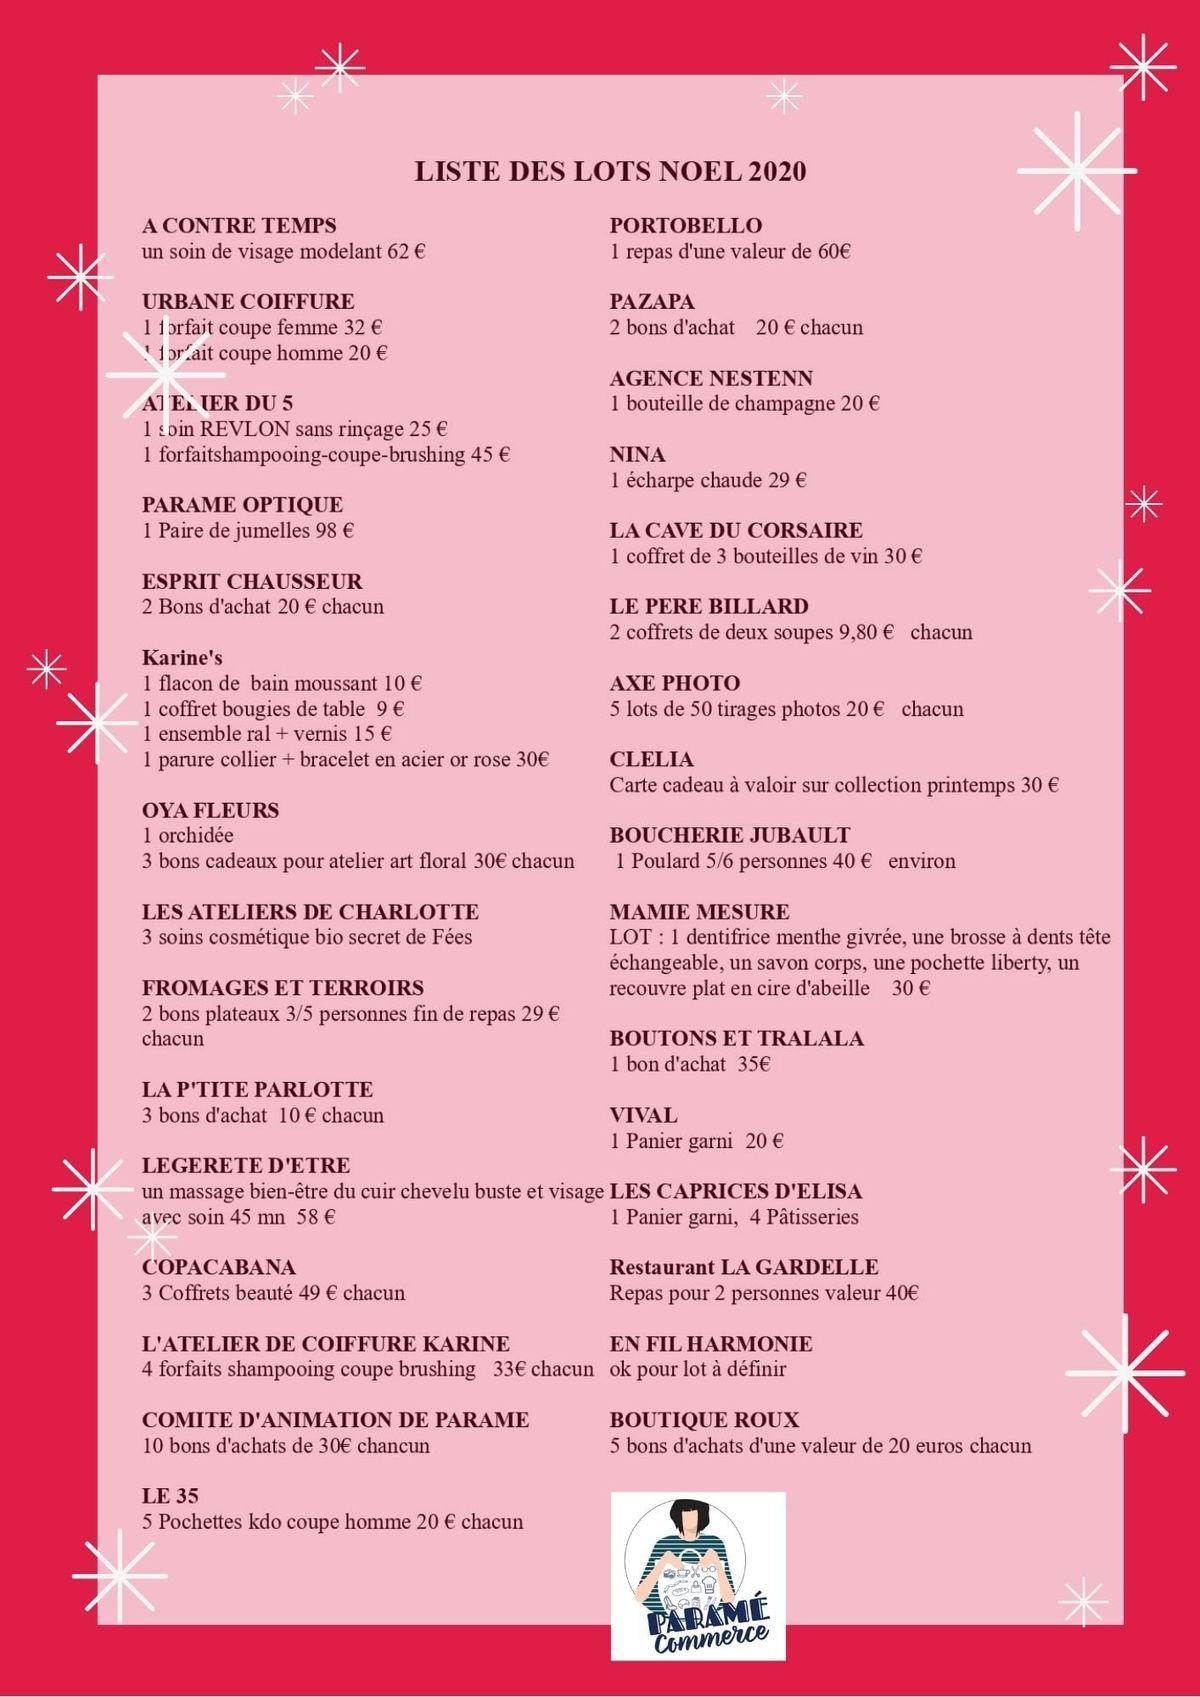 Commerçants Grand jeu de Noël de Paramé du 14 au 31 décembre 2020